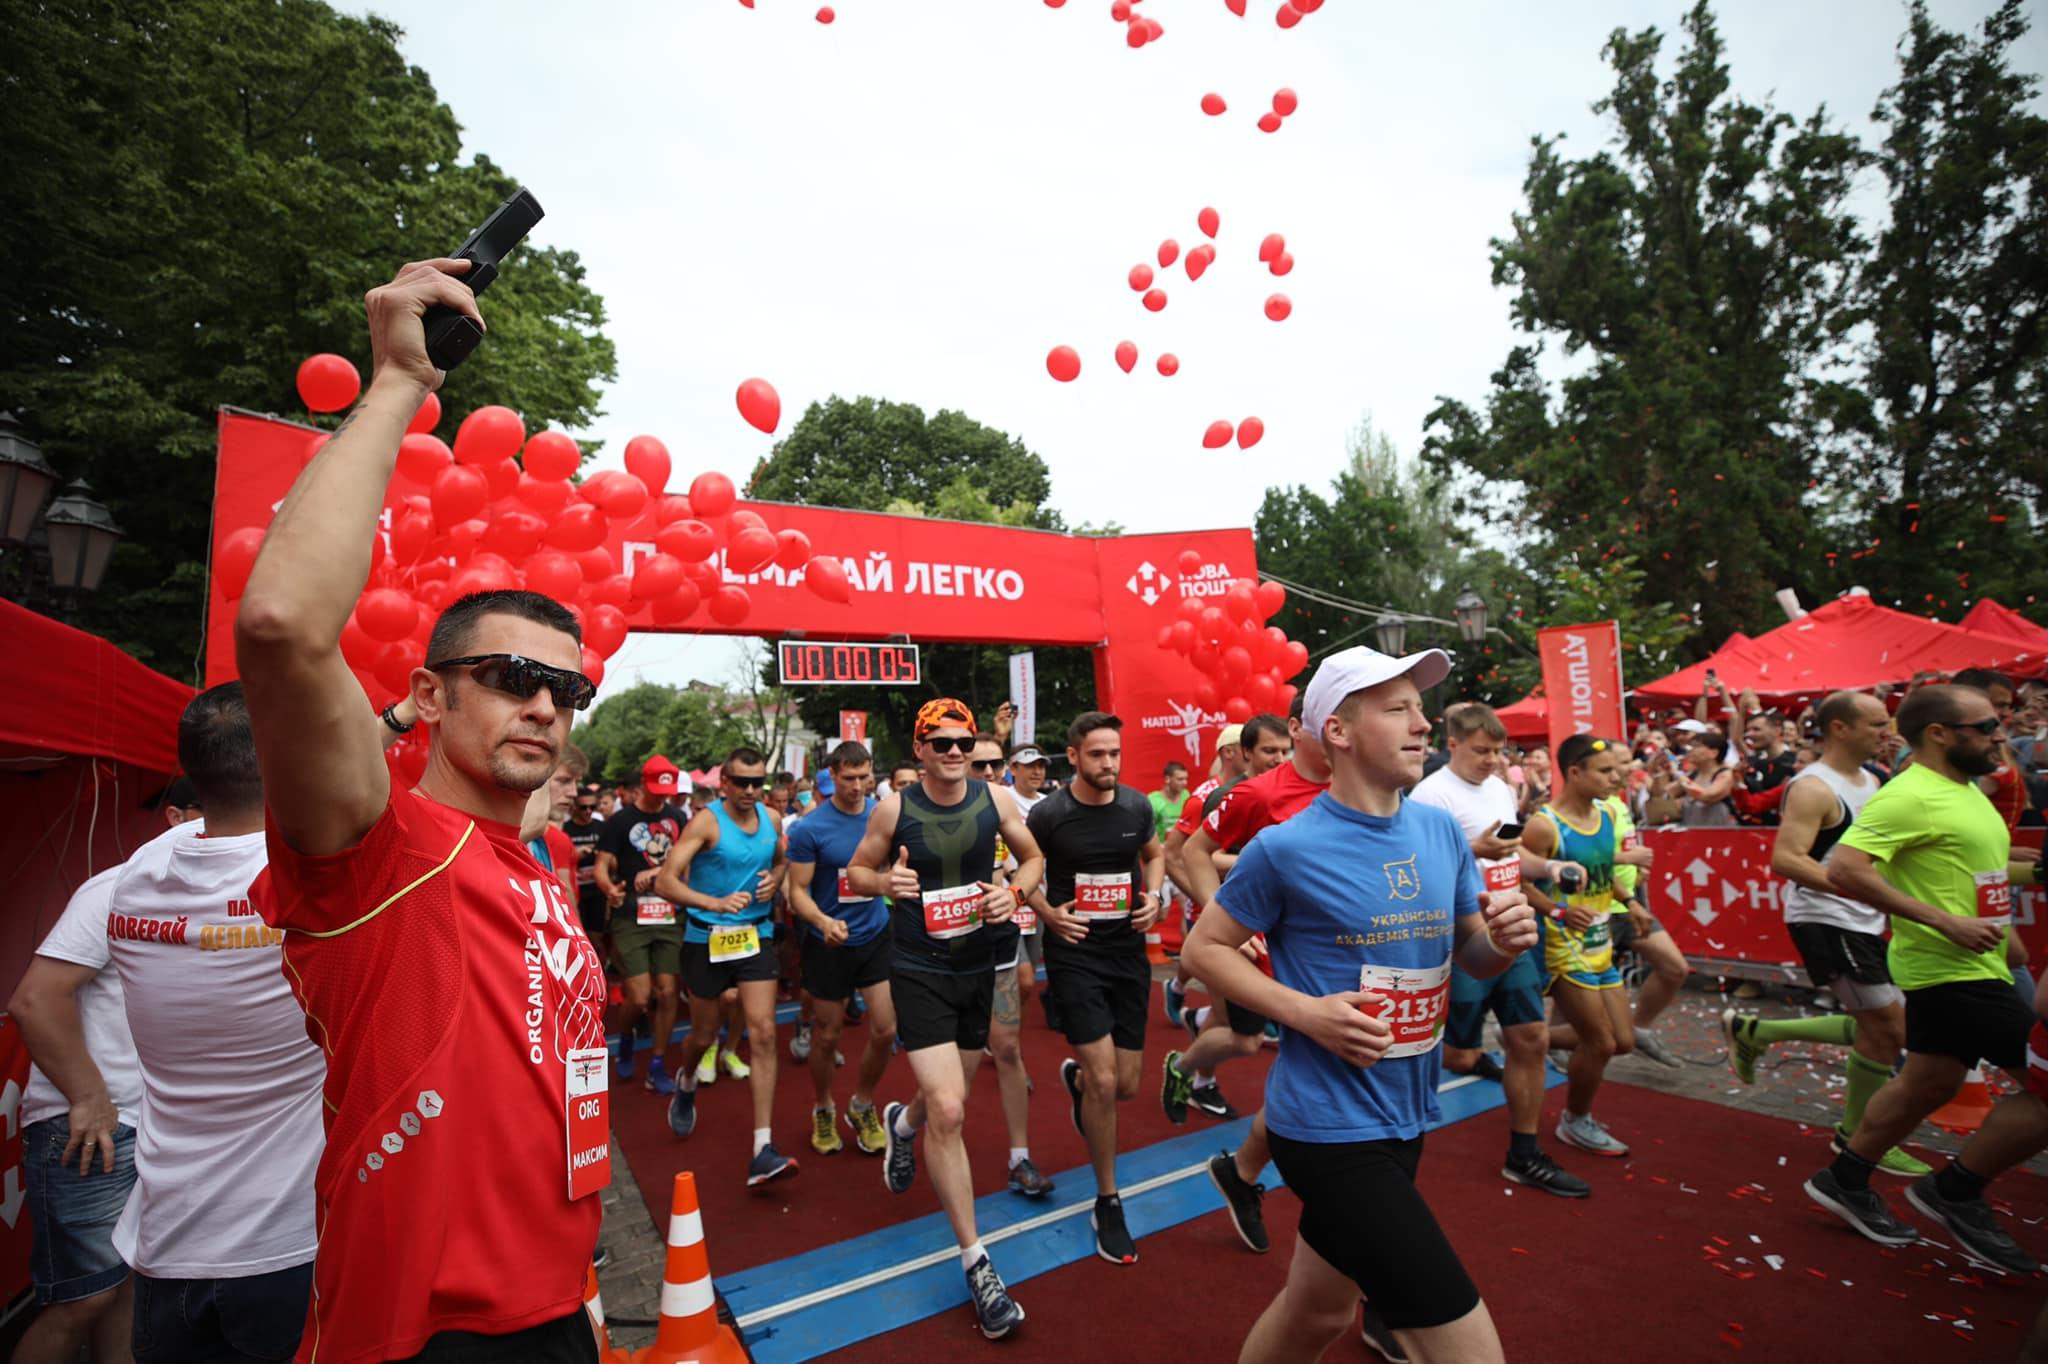 Nova Poshta marathon